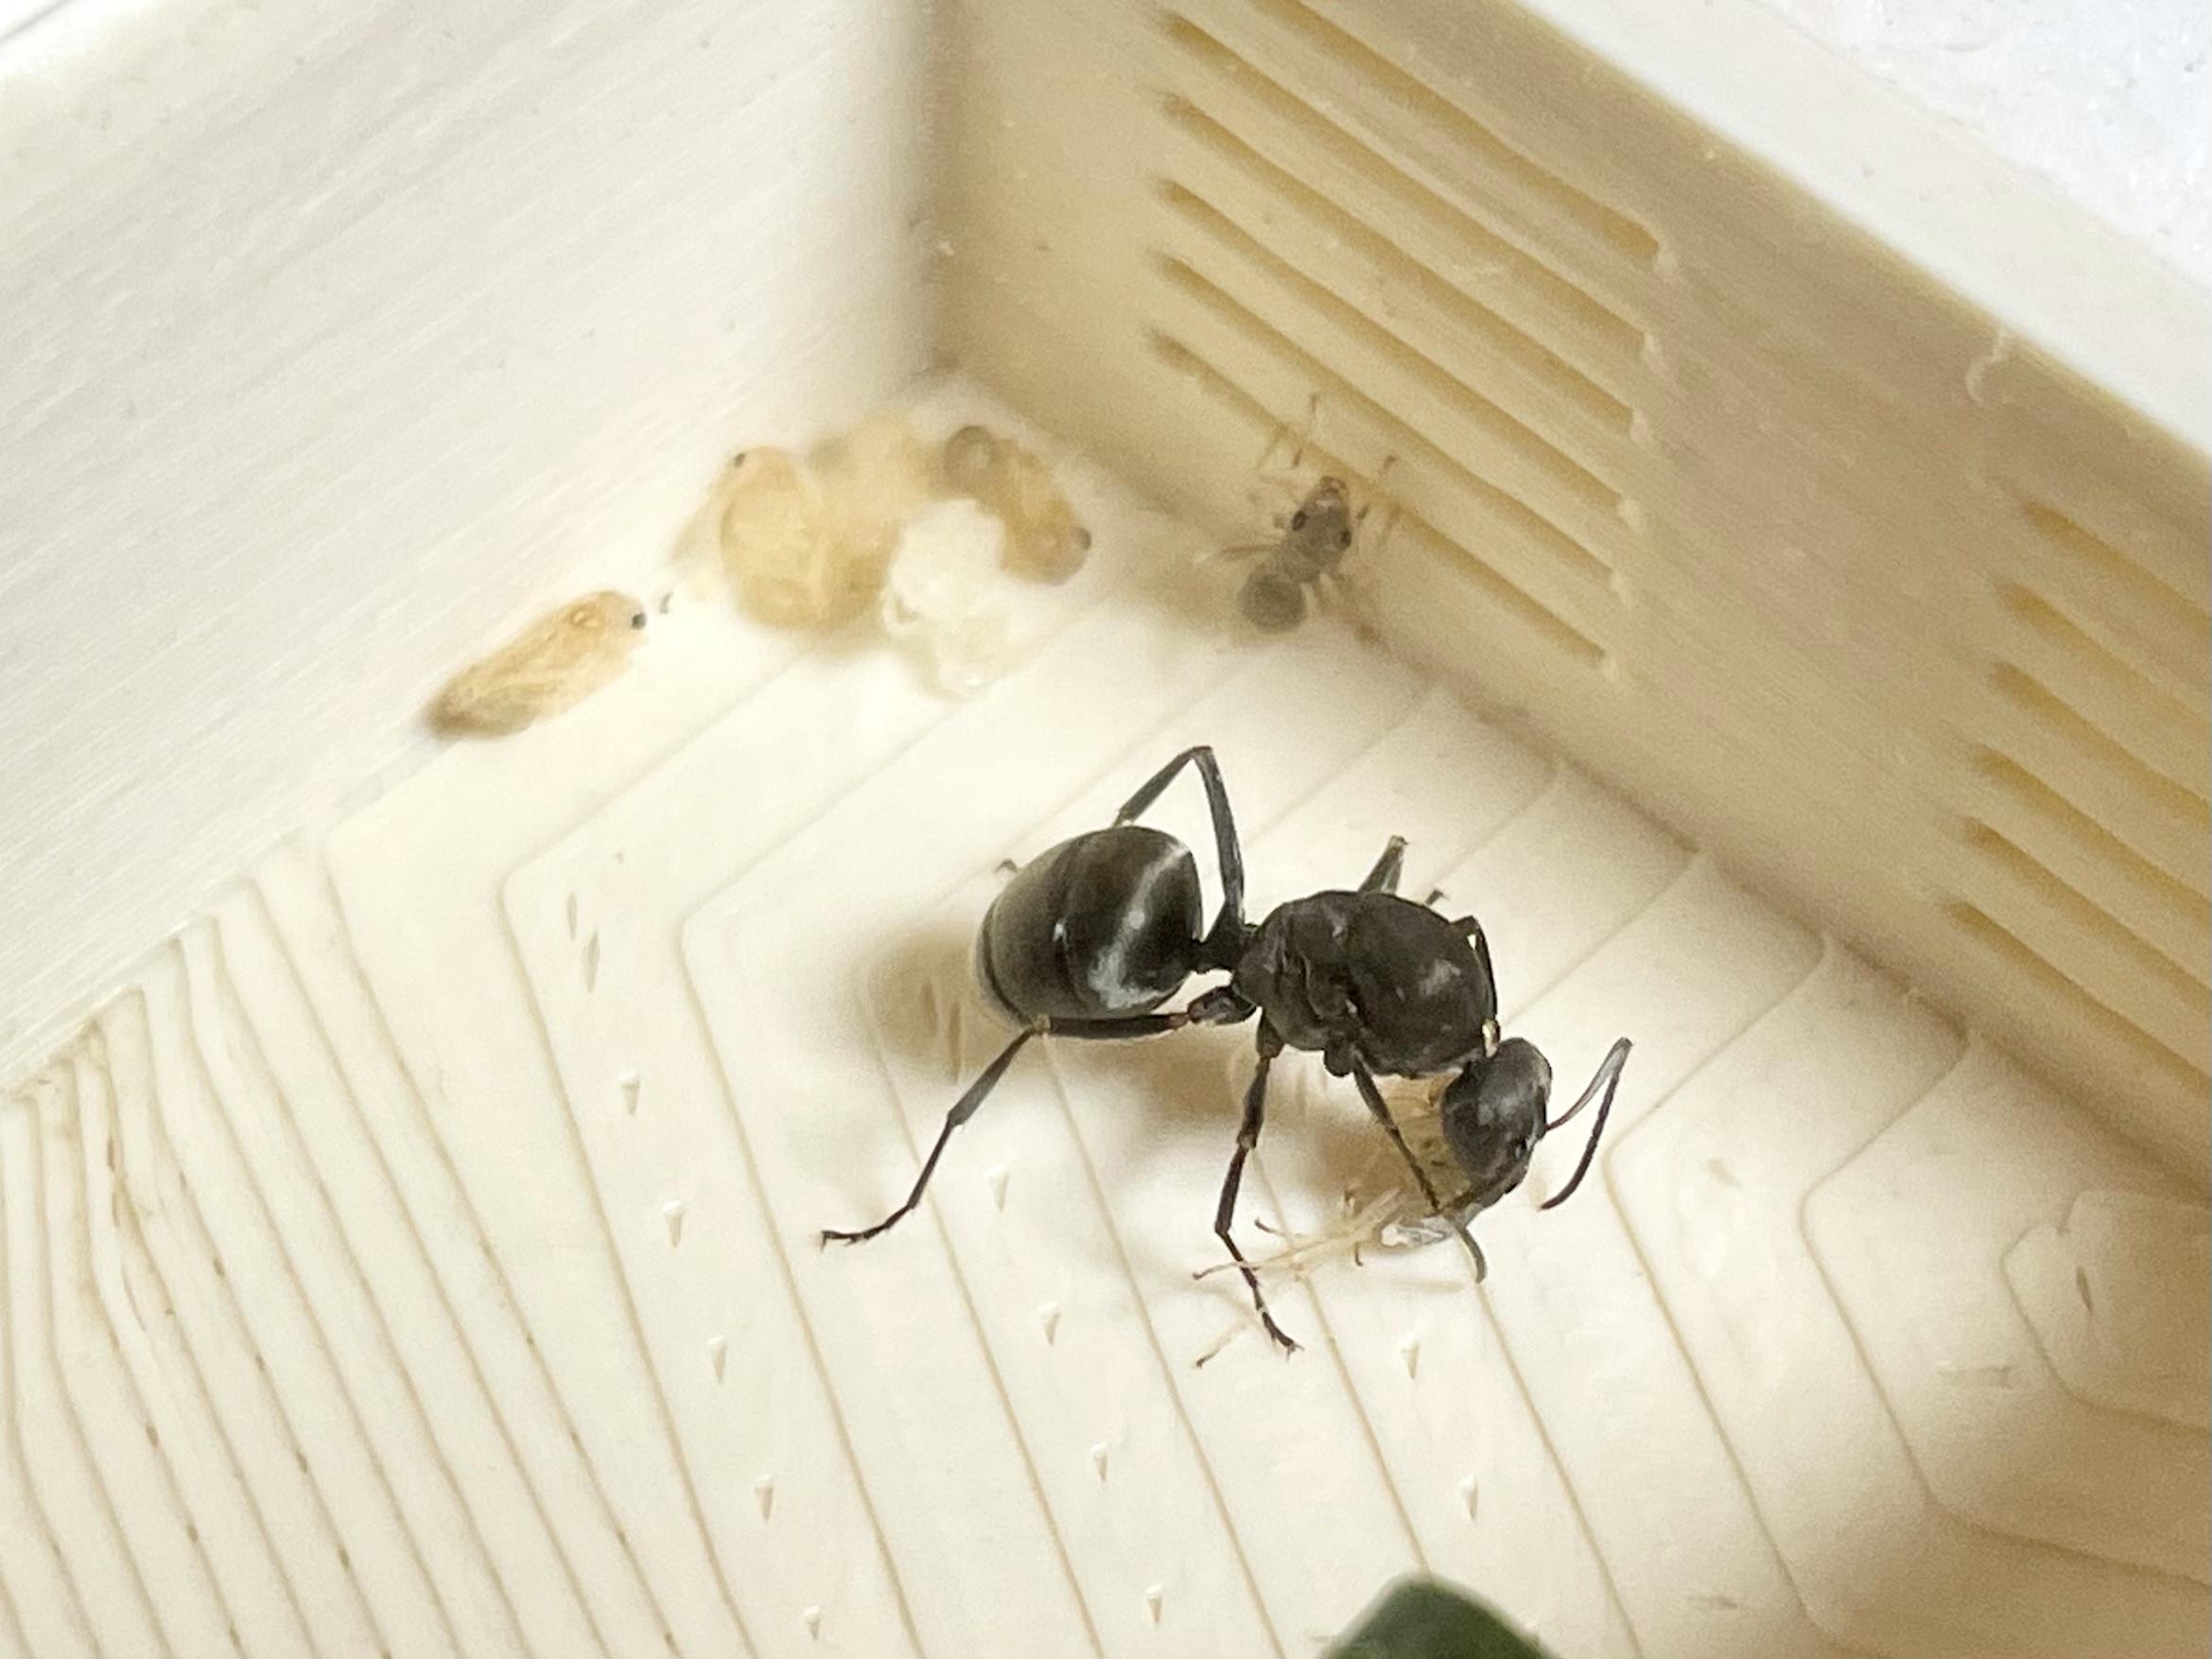 ついにクロヤマアリの働きアリが誕生した!